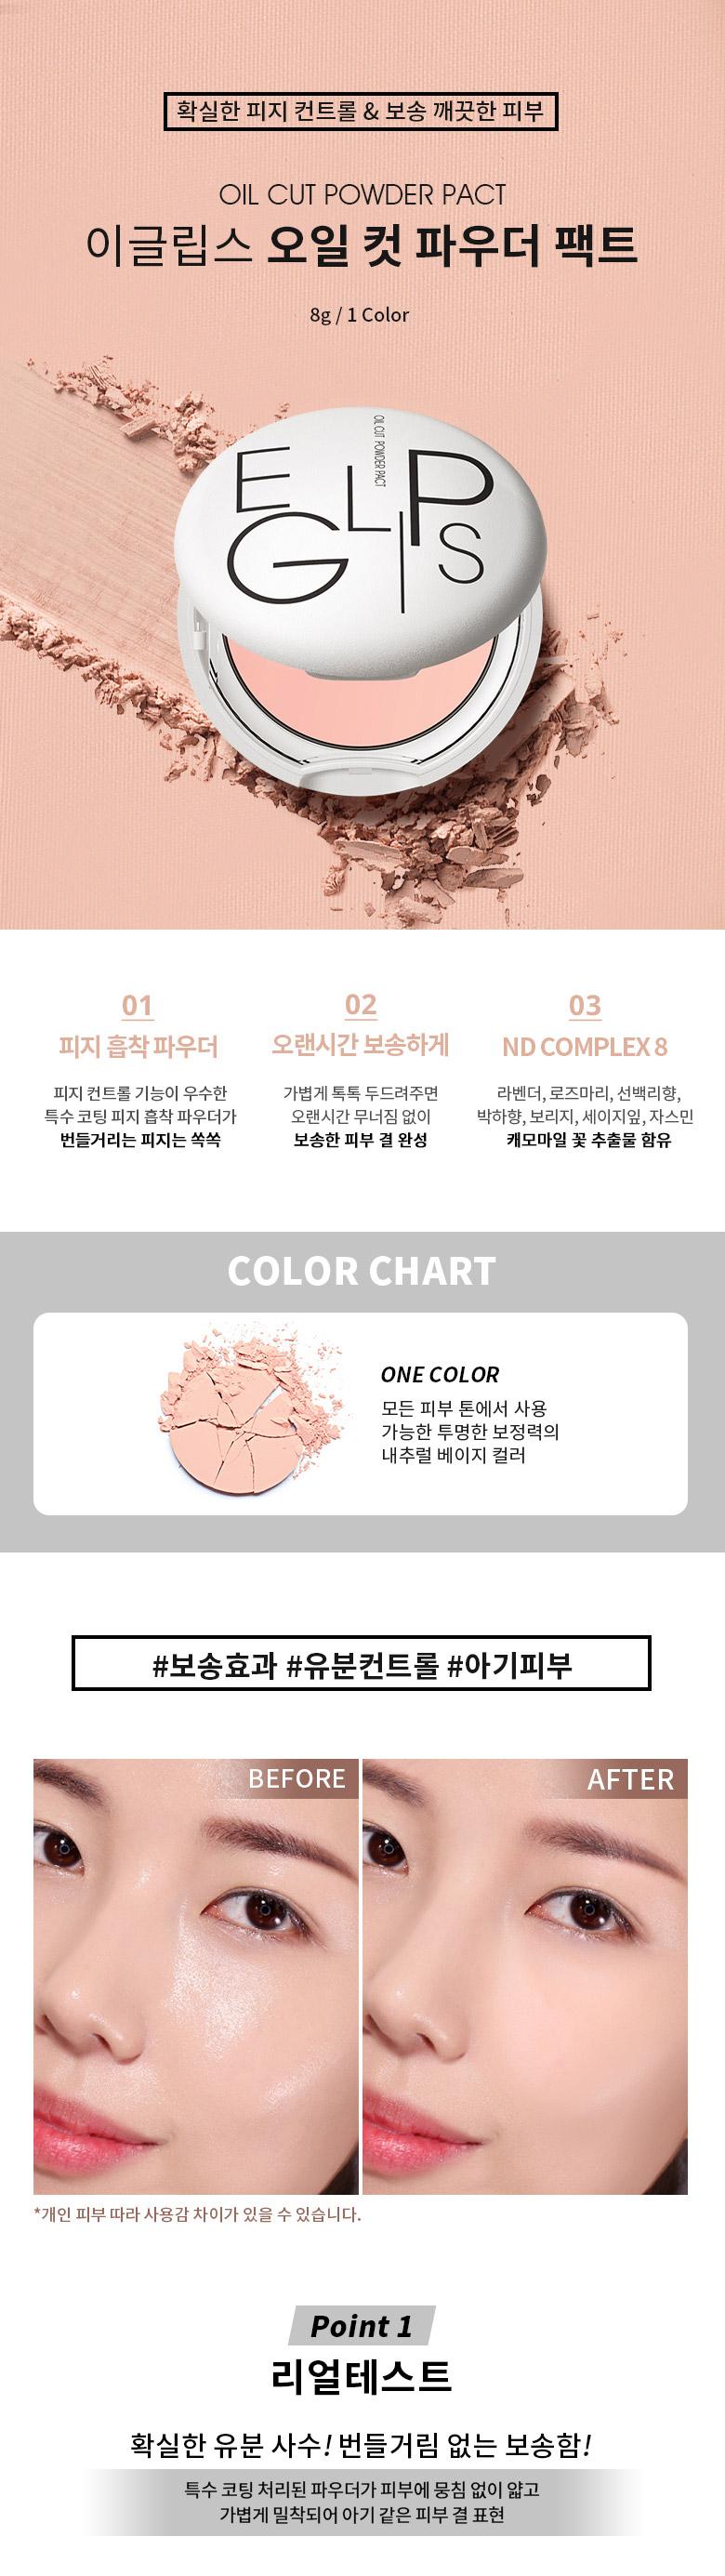 eglips-oil-cut-powder-pact-8g-korean-cosmetics.jpg